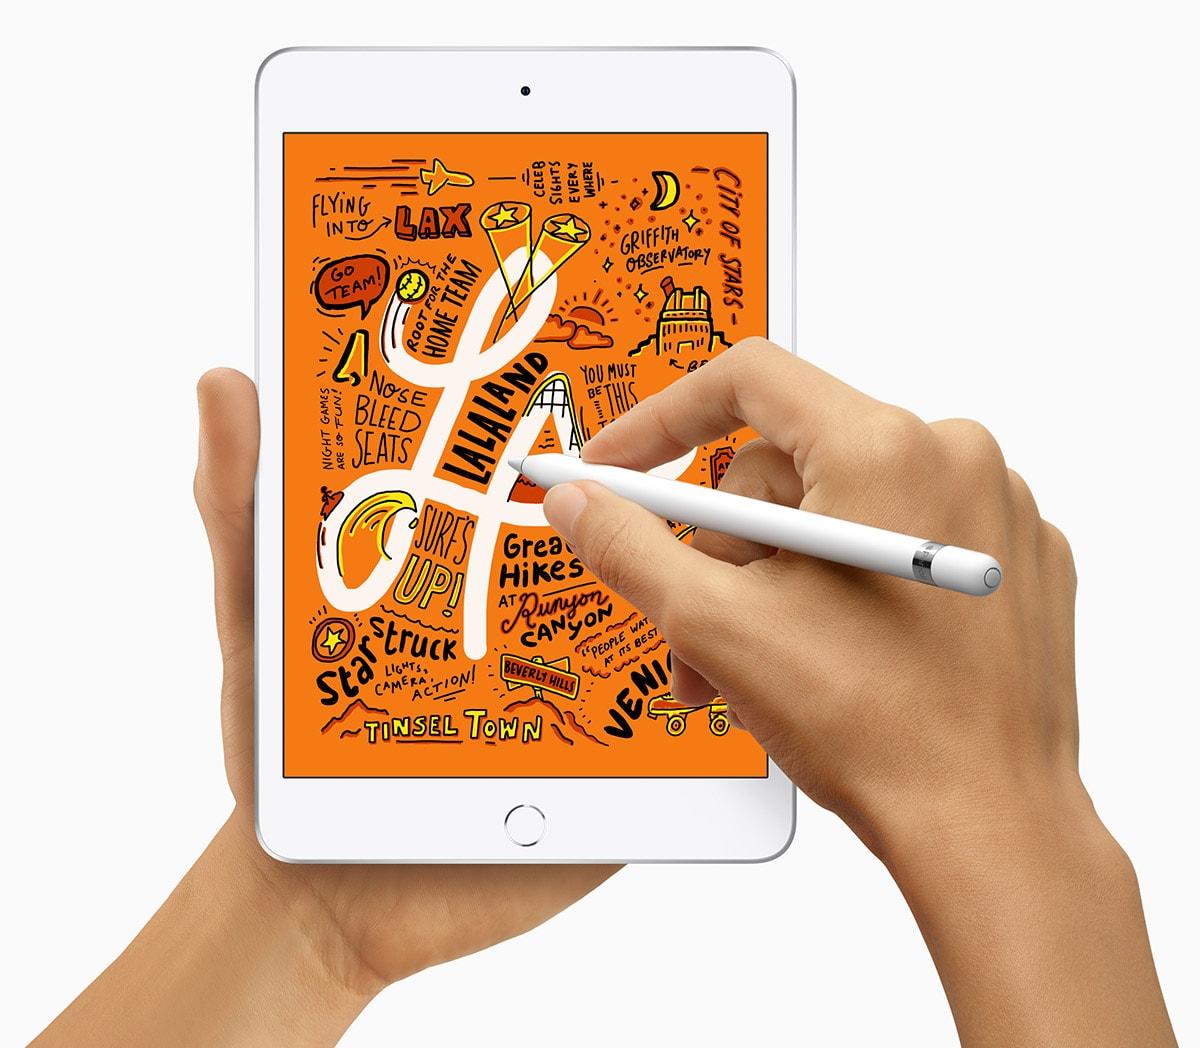 Έρωτας… με το iPad mini ανά χείρας!